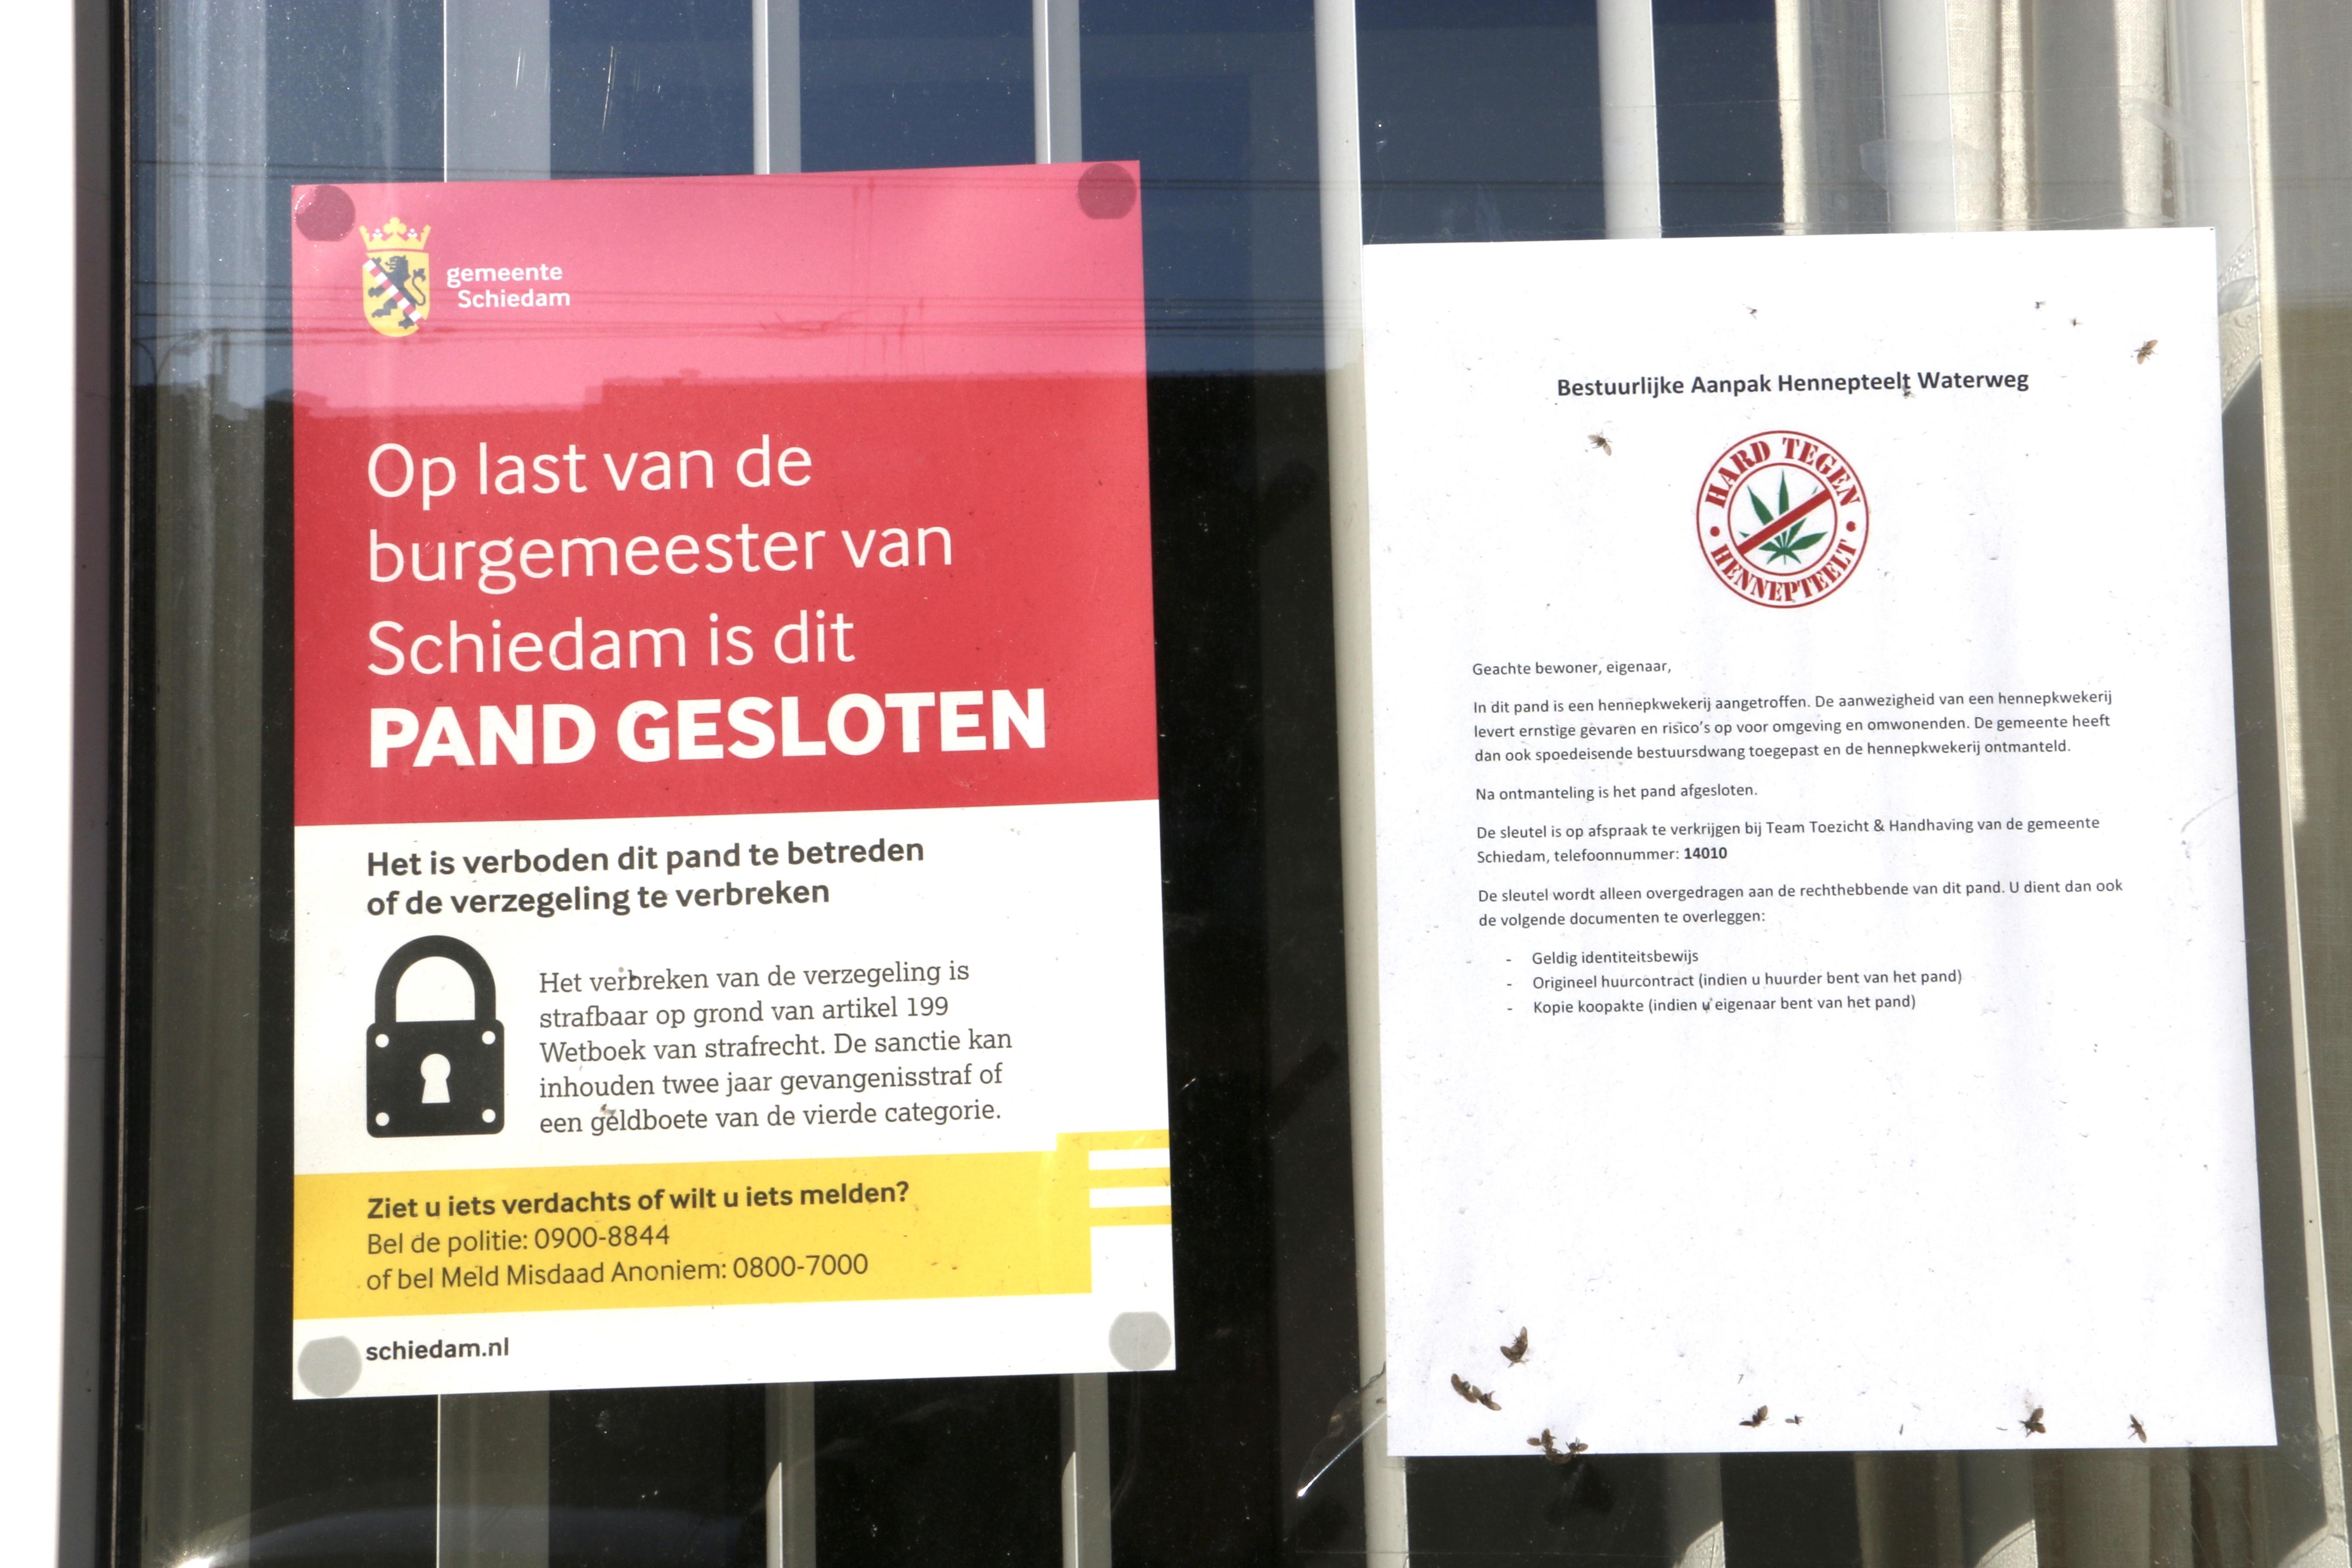 Woning op de Rotterdamsedijk gesloten na vondst hennepkwekerij.